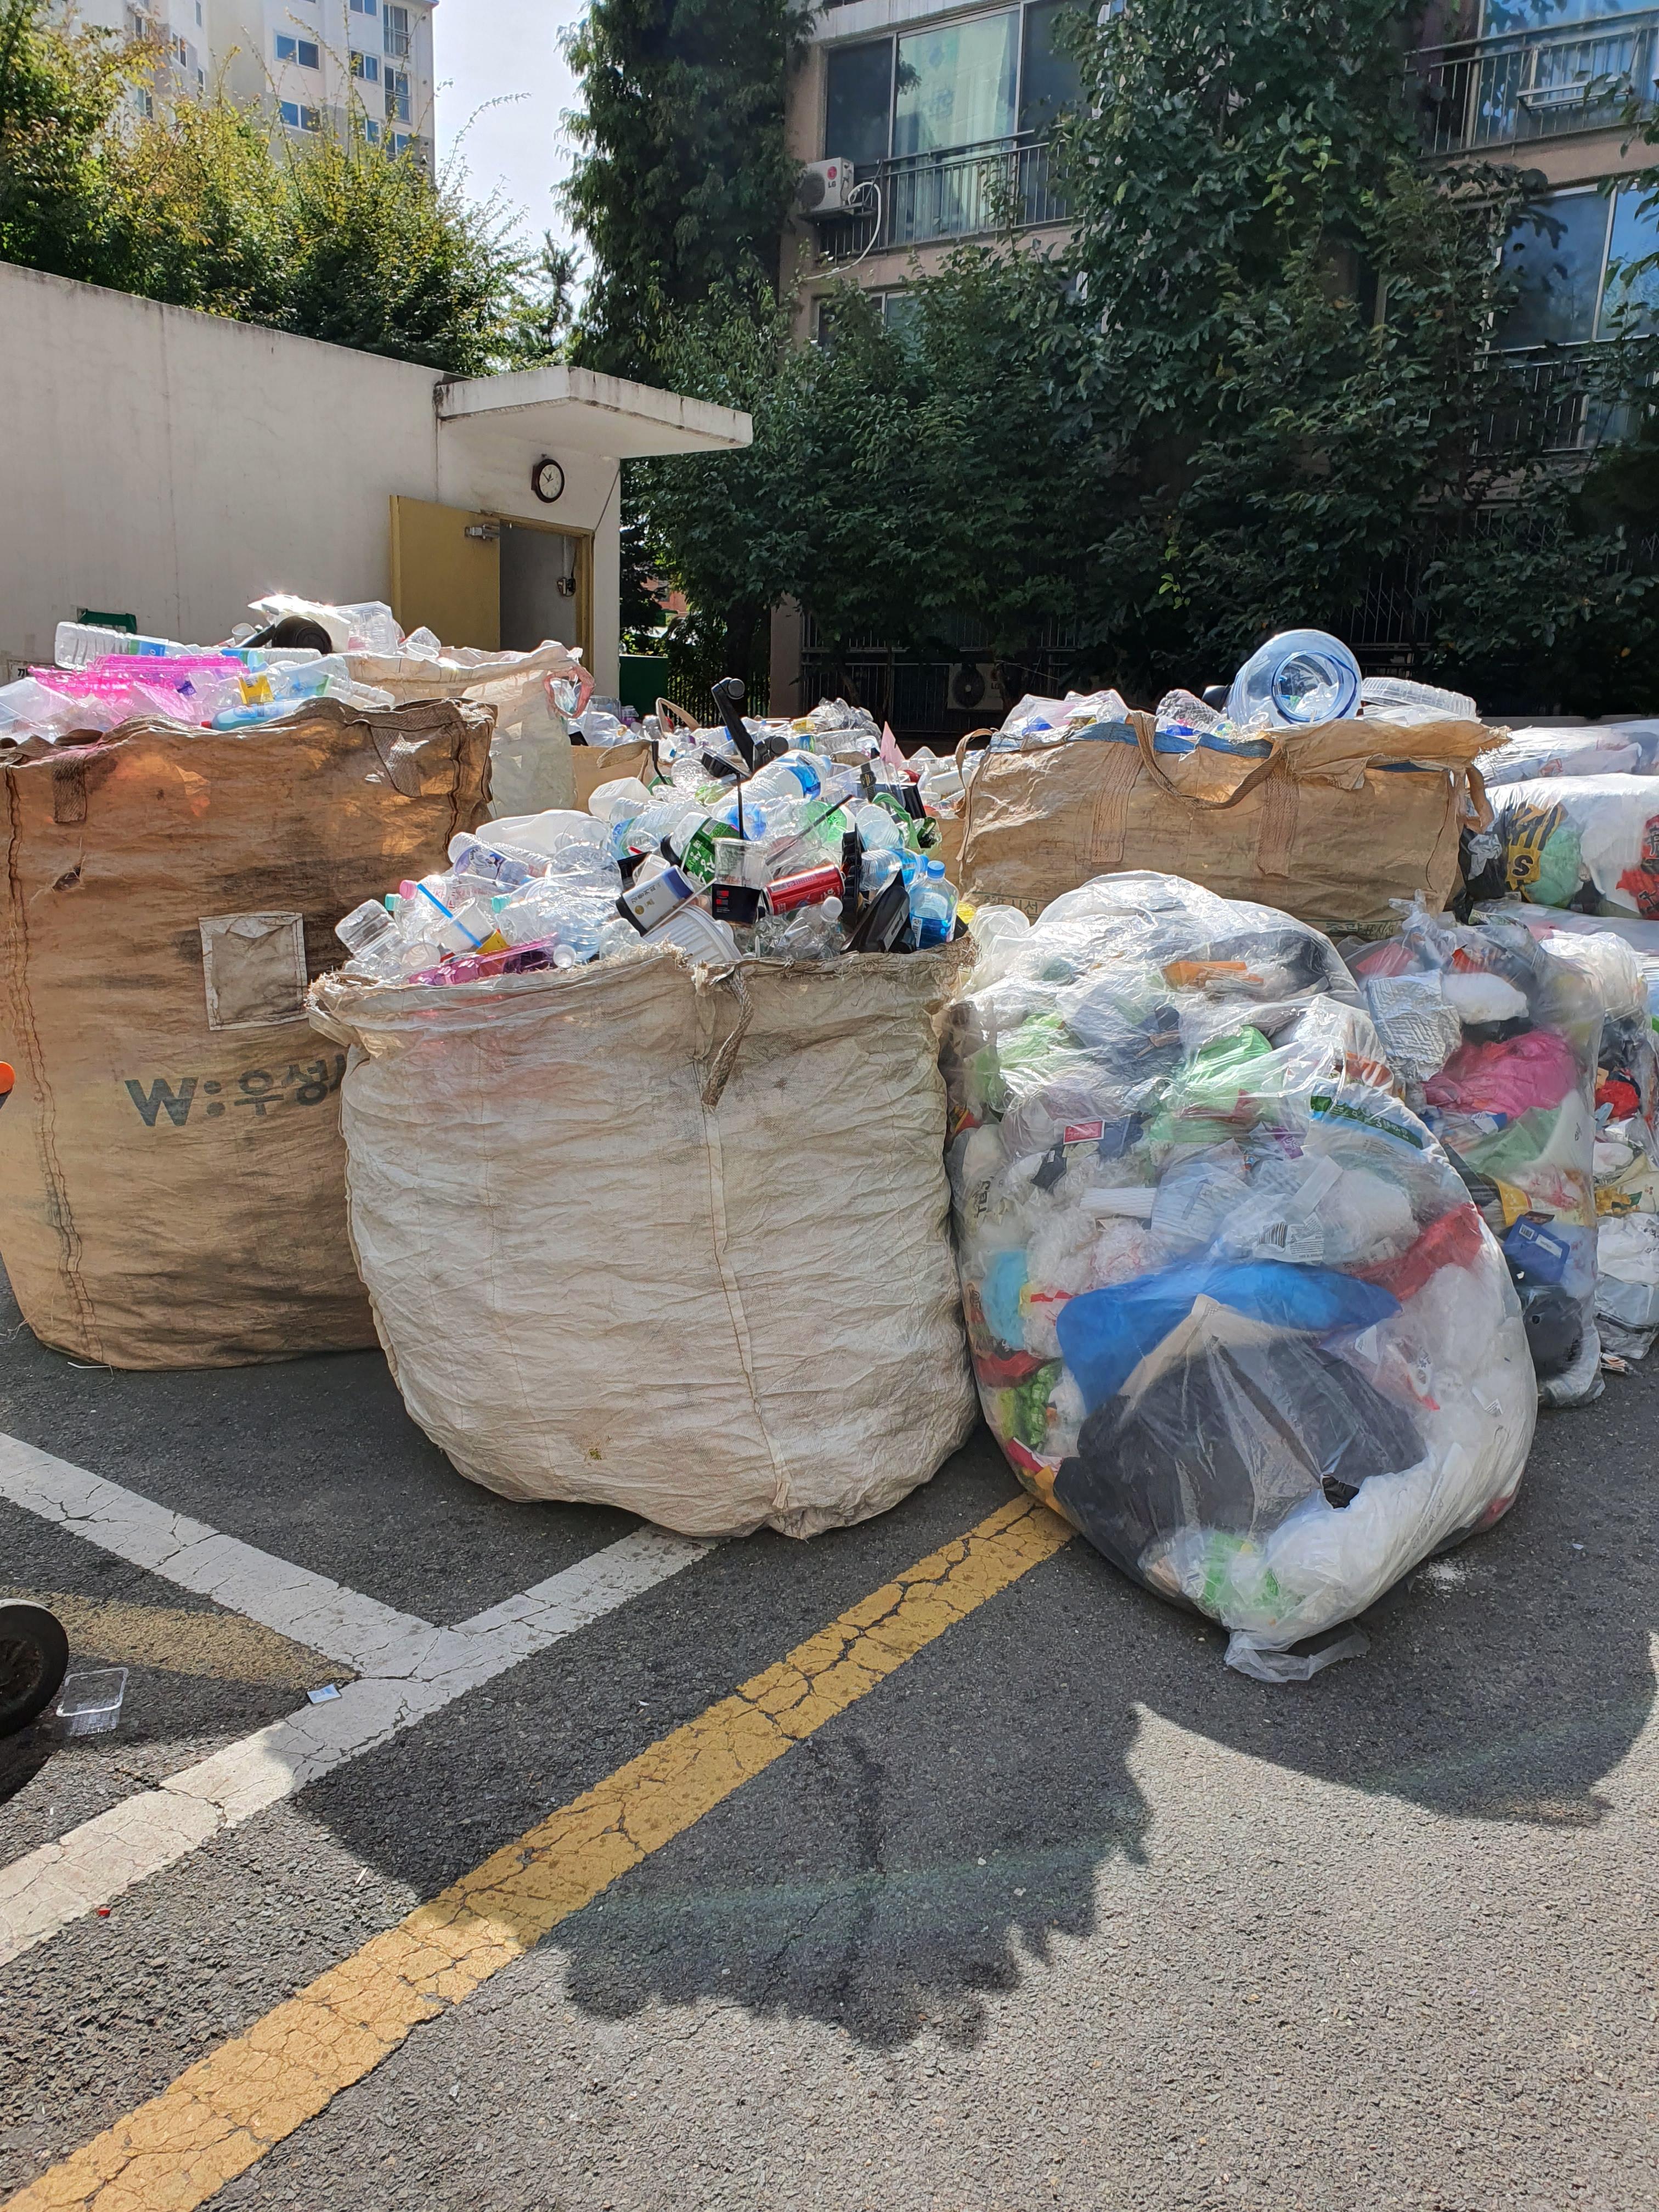 코로나 여파로 수출길이 막혀 재활용쓰레기도 갈길을 잃다